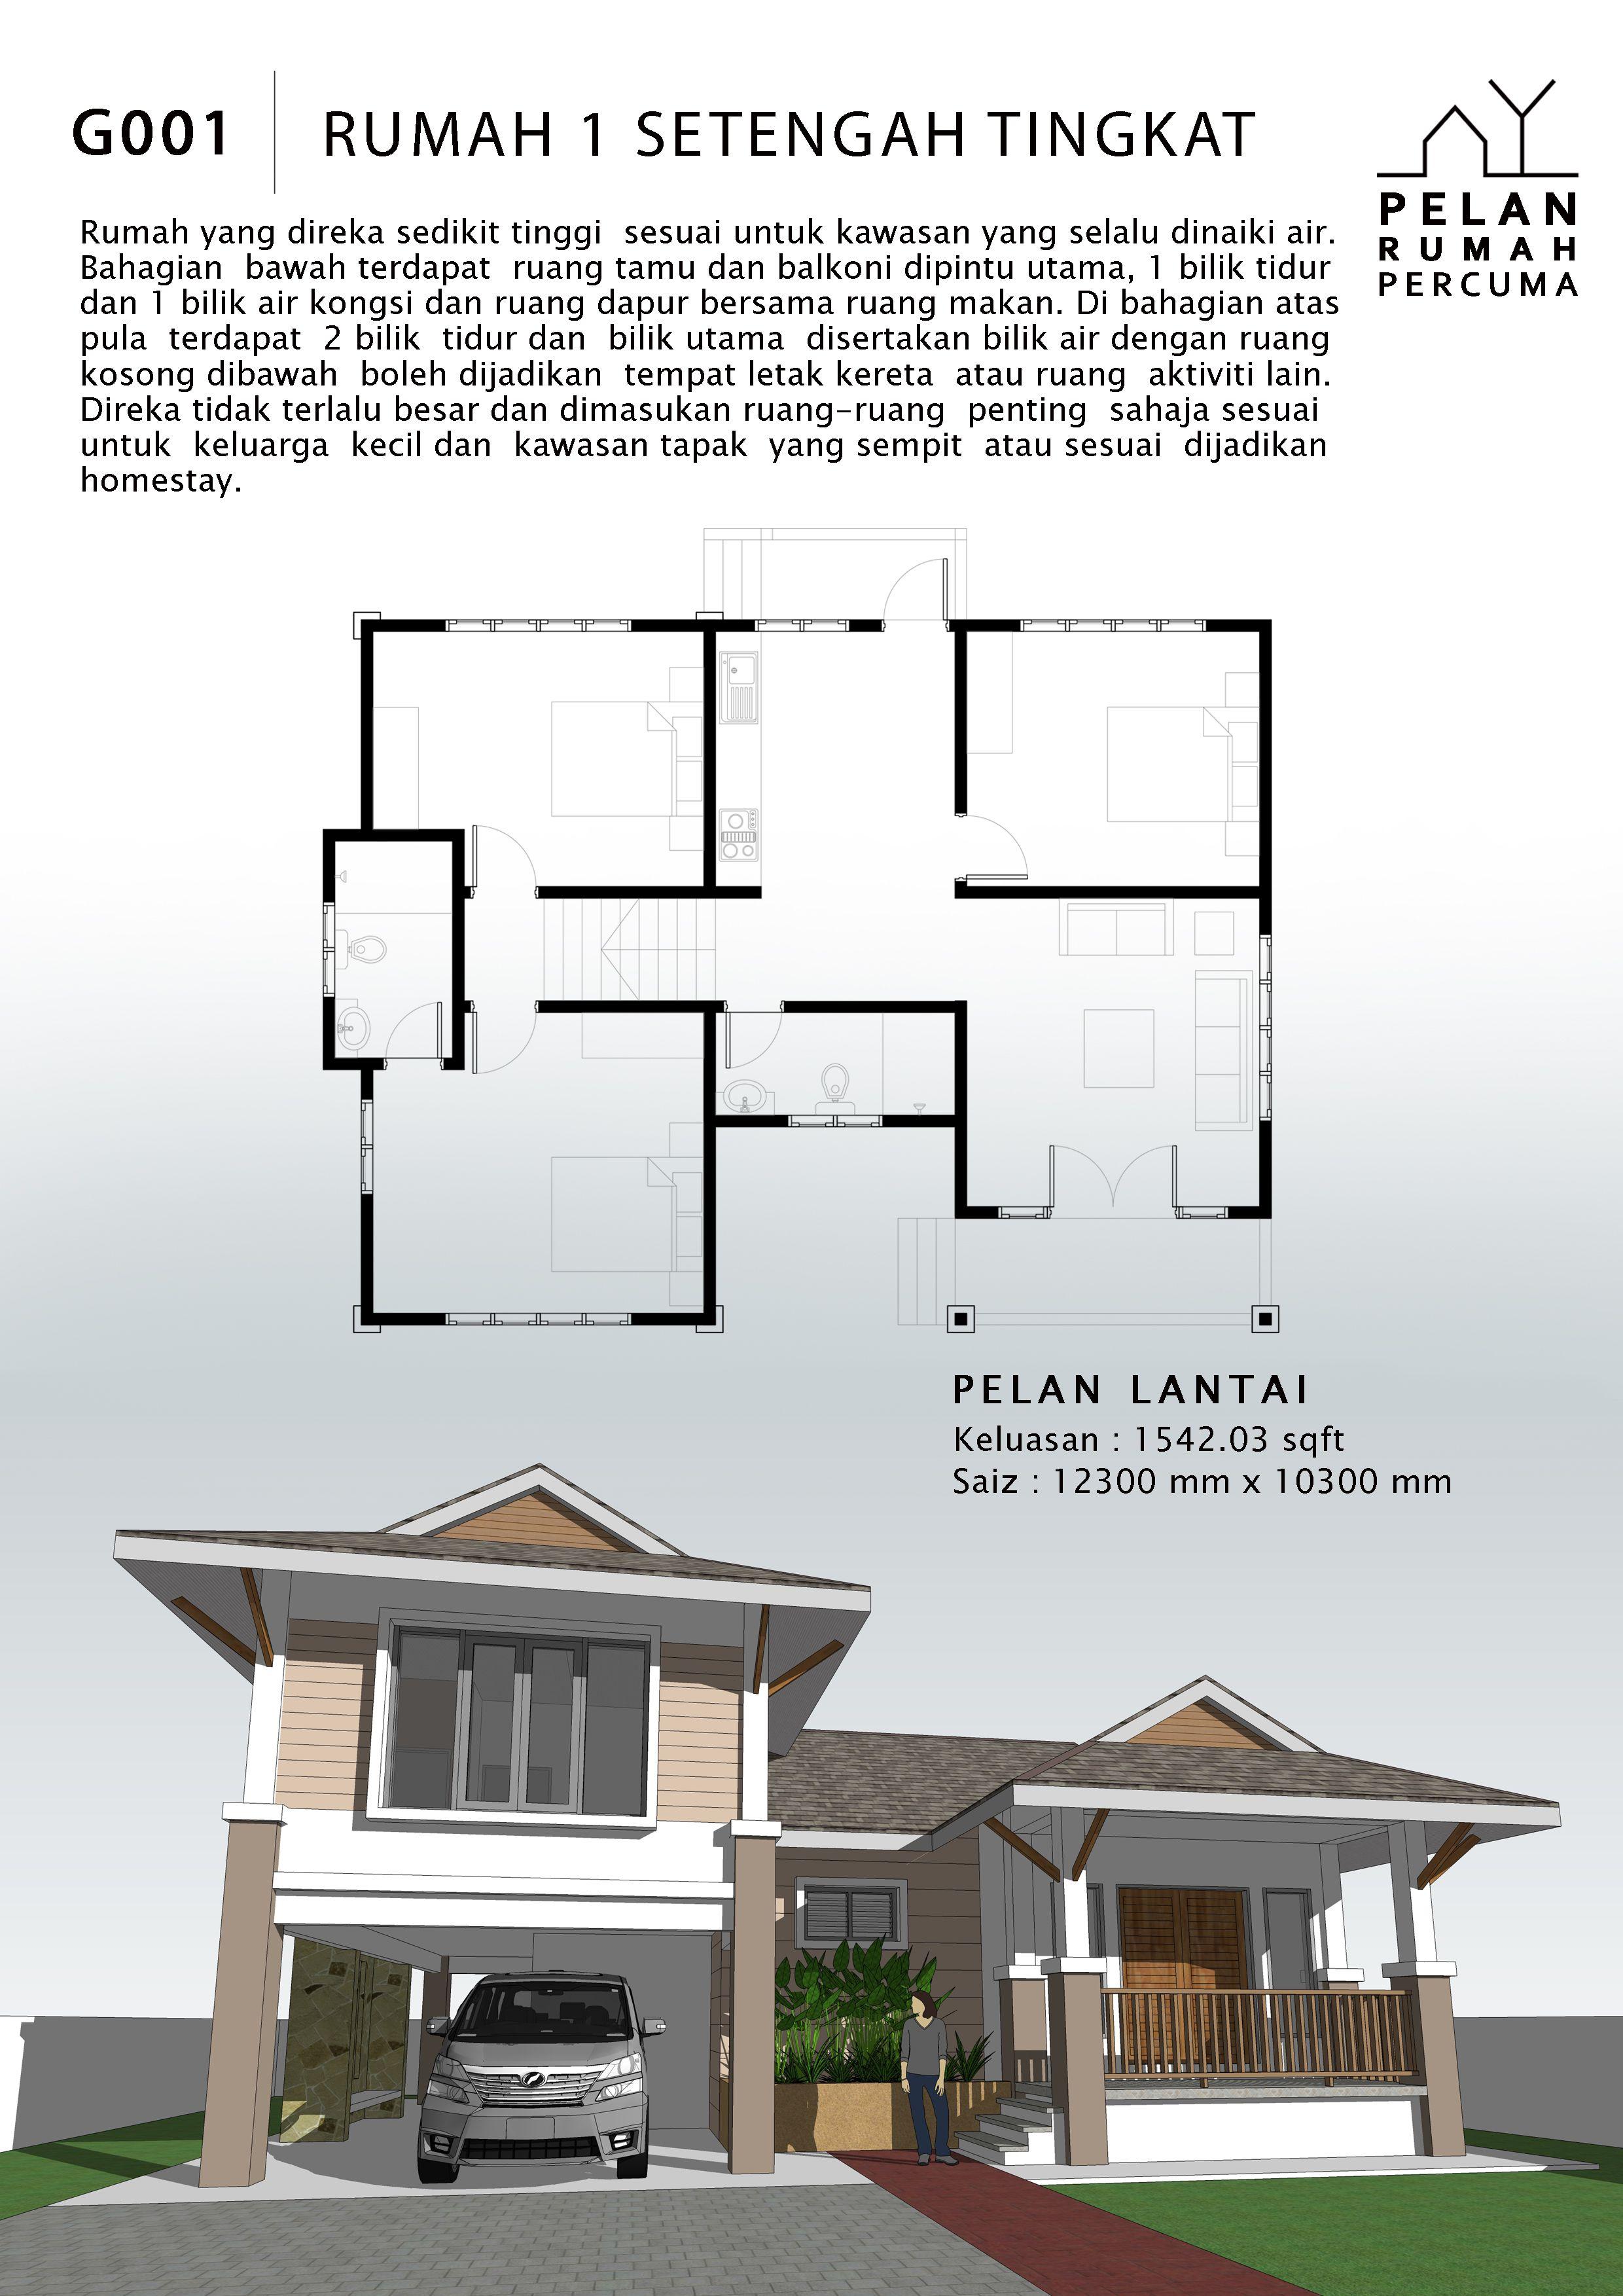 Rumah Tingkat Setengah : rumah, tingkat, setengah, PELAN, RUMAH, PERCUMA, Floor, Plans